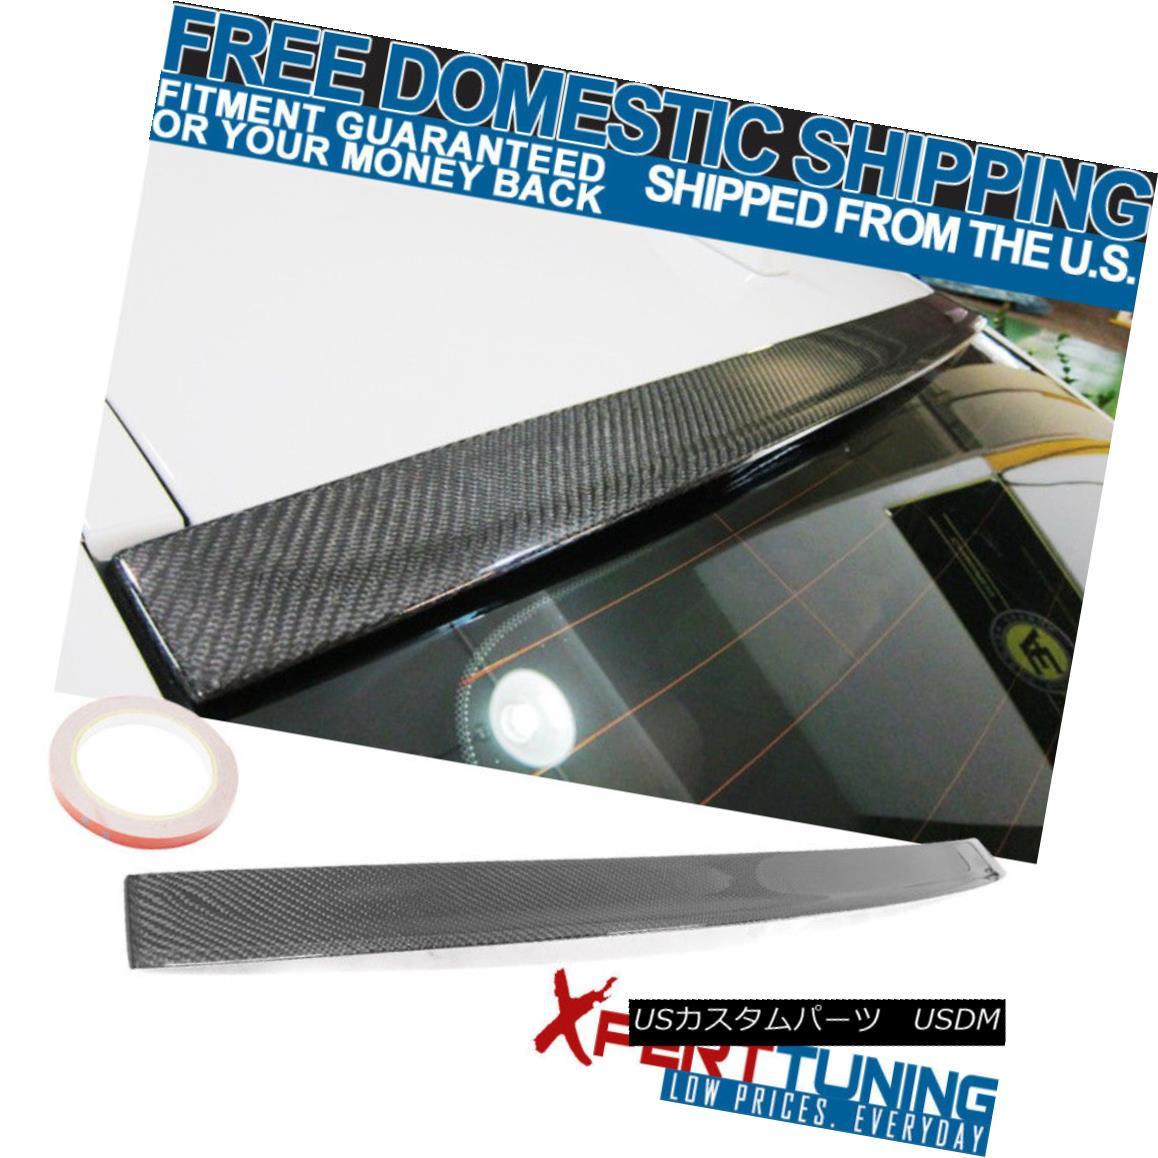 エアロパーツ FIT 11-16 BMW 5 Series F10 3D Design Stylish Roof Spoiler Carbon Fiber Cf FIT 11-16 BMW 5シリーズF10 3DデザインスタイリッシュなルーフスポイラーカーボンファイバーCf